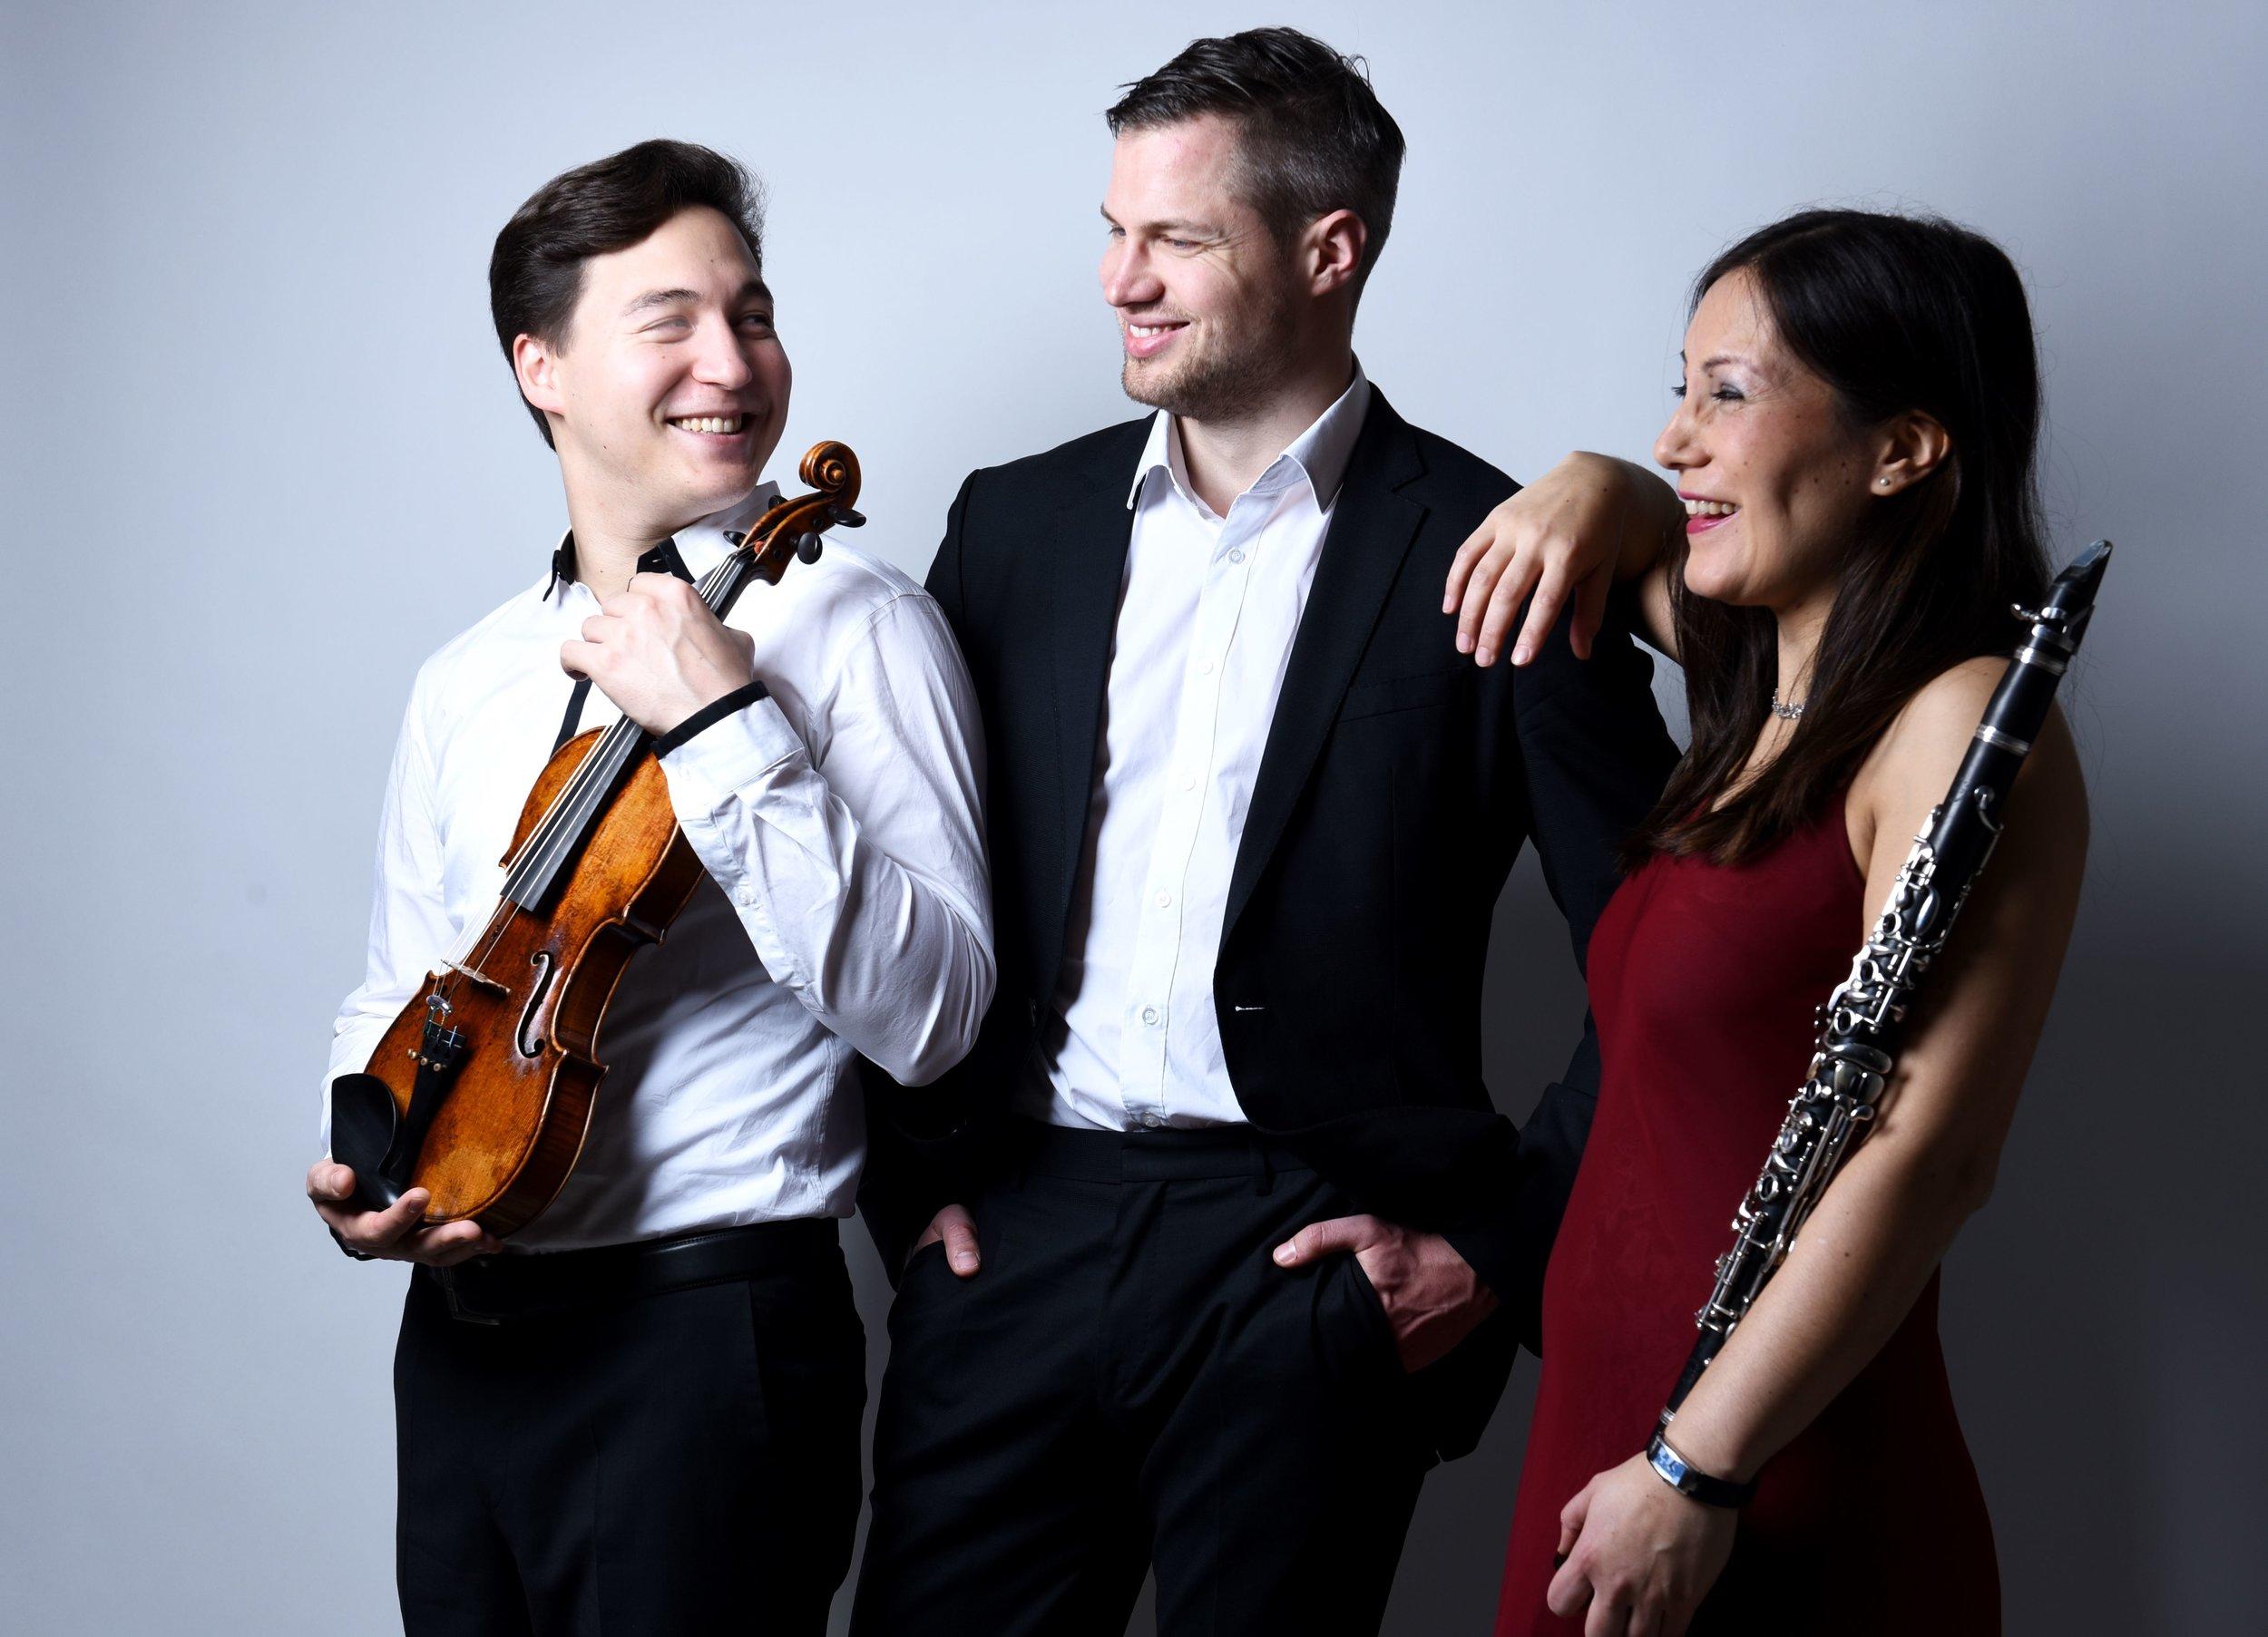 Das Trio - Die charismatischen Auftritte des Trios Schmuck begeistern seit seiner Gründung im Jahre 2009 Publikum und Fachpresse. Mit attraktiven Programmen und ebenso origineller wie sachkundiger Moderation ist das Ensemble deutschlandweit in jährlich etwa 50 Konzerten präsent. Die dramaturgische Bandbreite der Genres und Gattungen vom klassisch-romantischen Werkkanon über packende Tango-Bearbeitungen bis hin zu szenischen Konzertformaten mit Schauspiel spricht Zuhörer aller Generationen an. Die Triobesetzung ist variabel, der Streicherpart wechselt in Personalunion mühelos zwischen Geige und Bratsche.